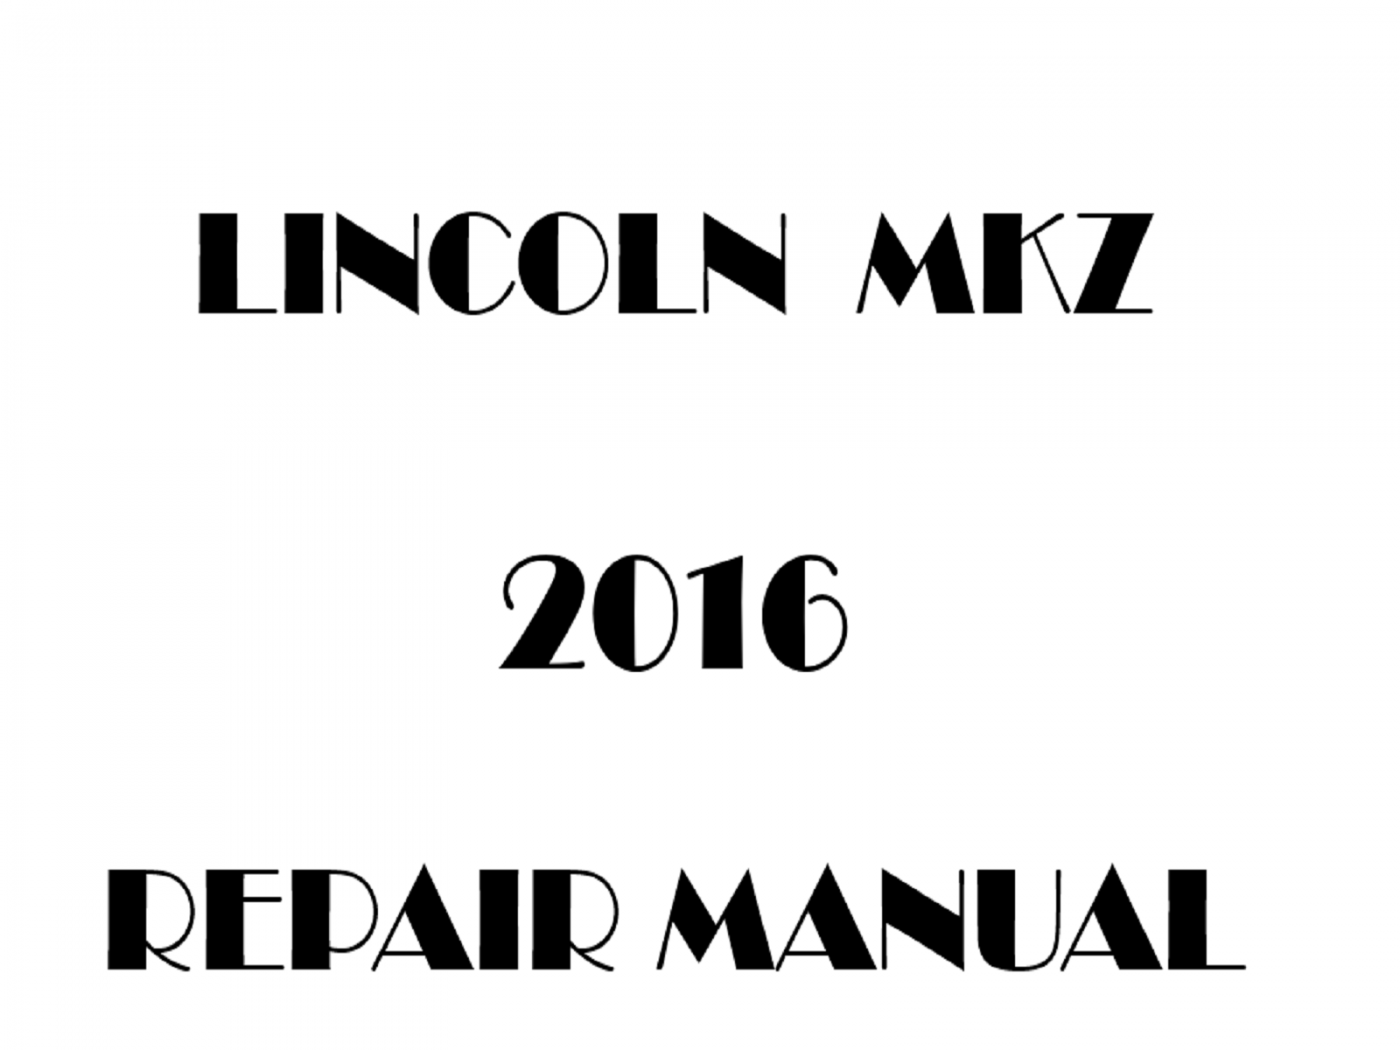 2016 Lincoln MKZ repair manual